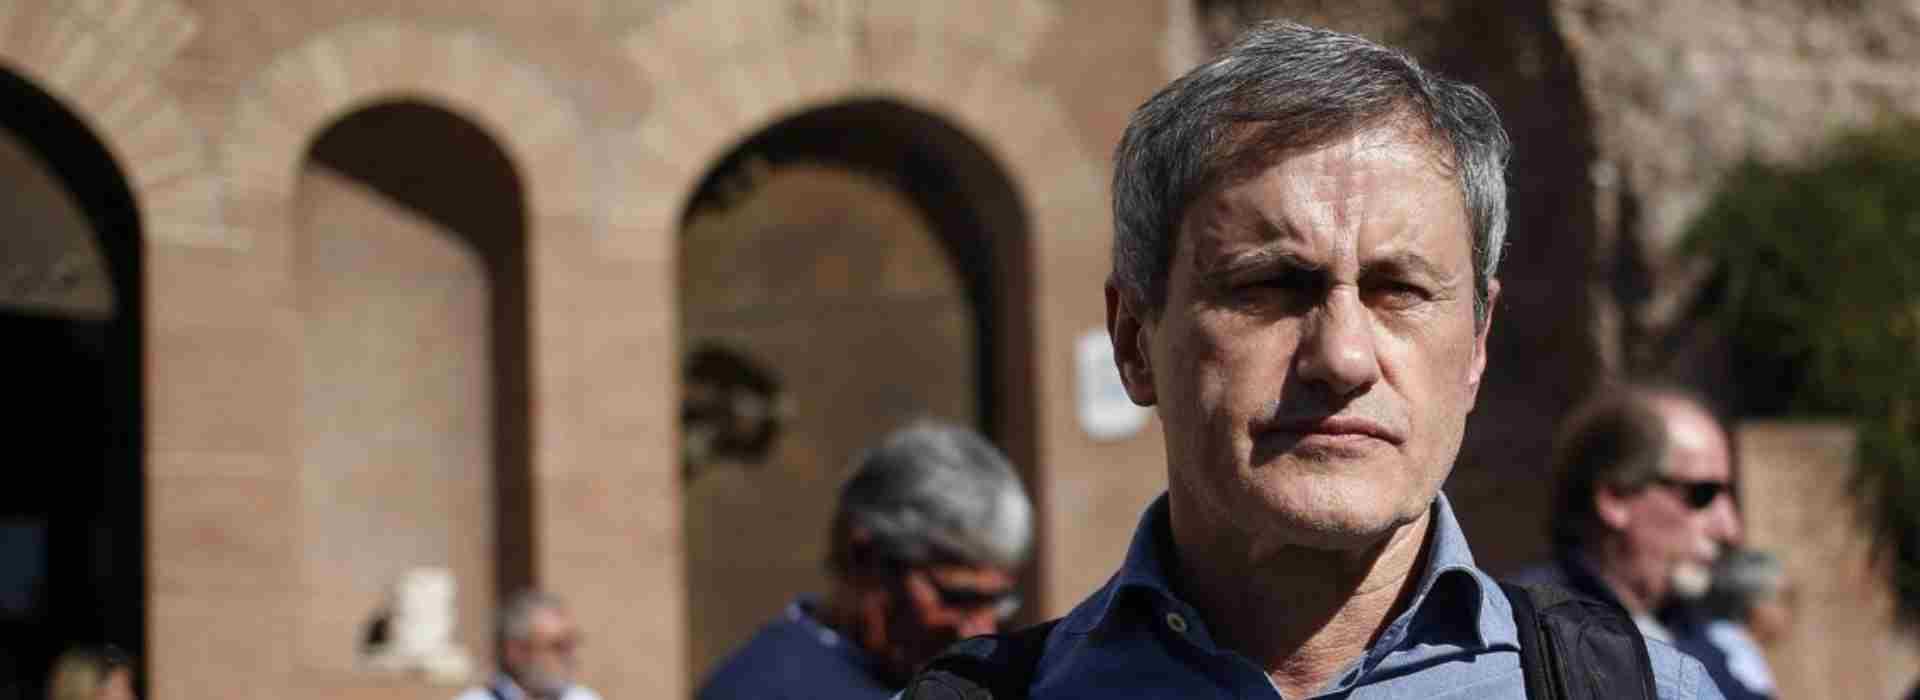 Gianni Alemanno condannato in appello a sei anni di carcere